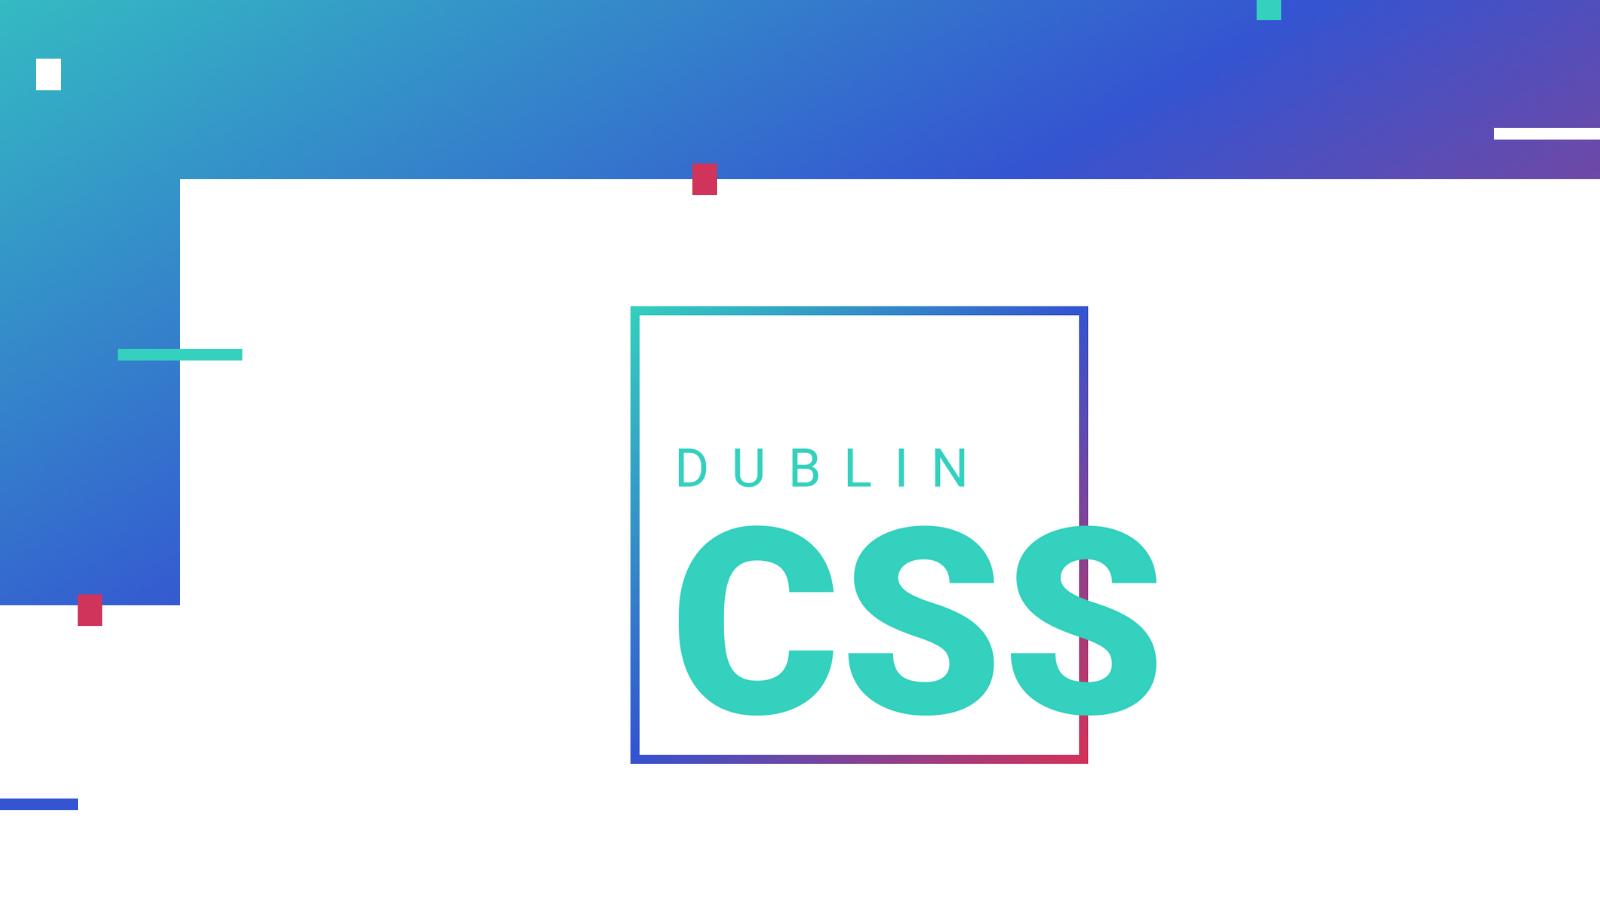 DublinCSS